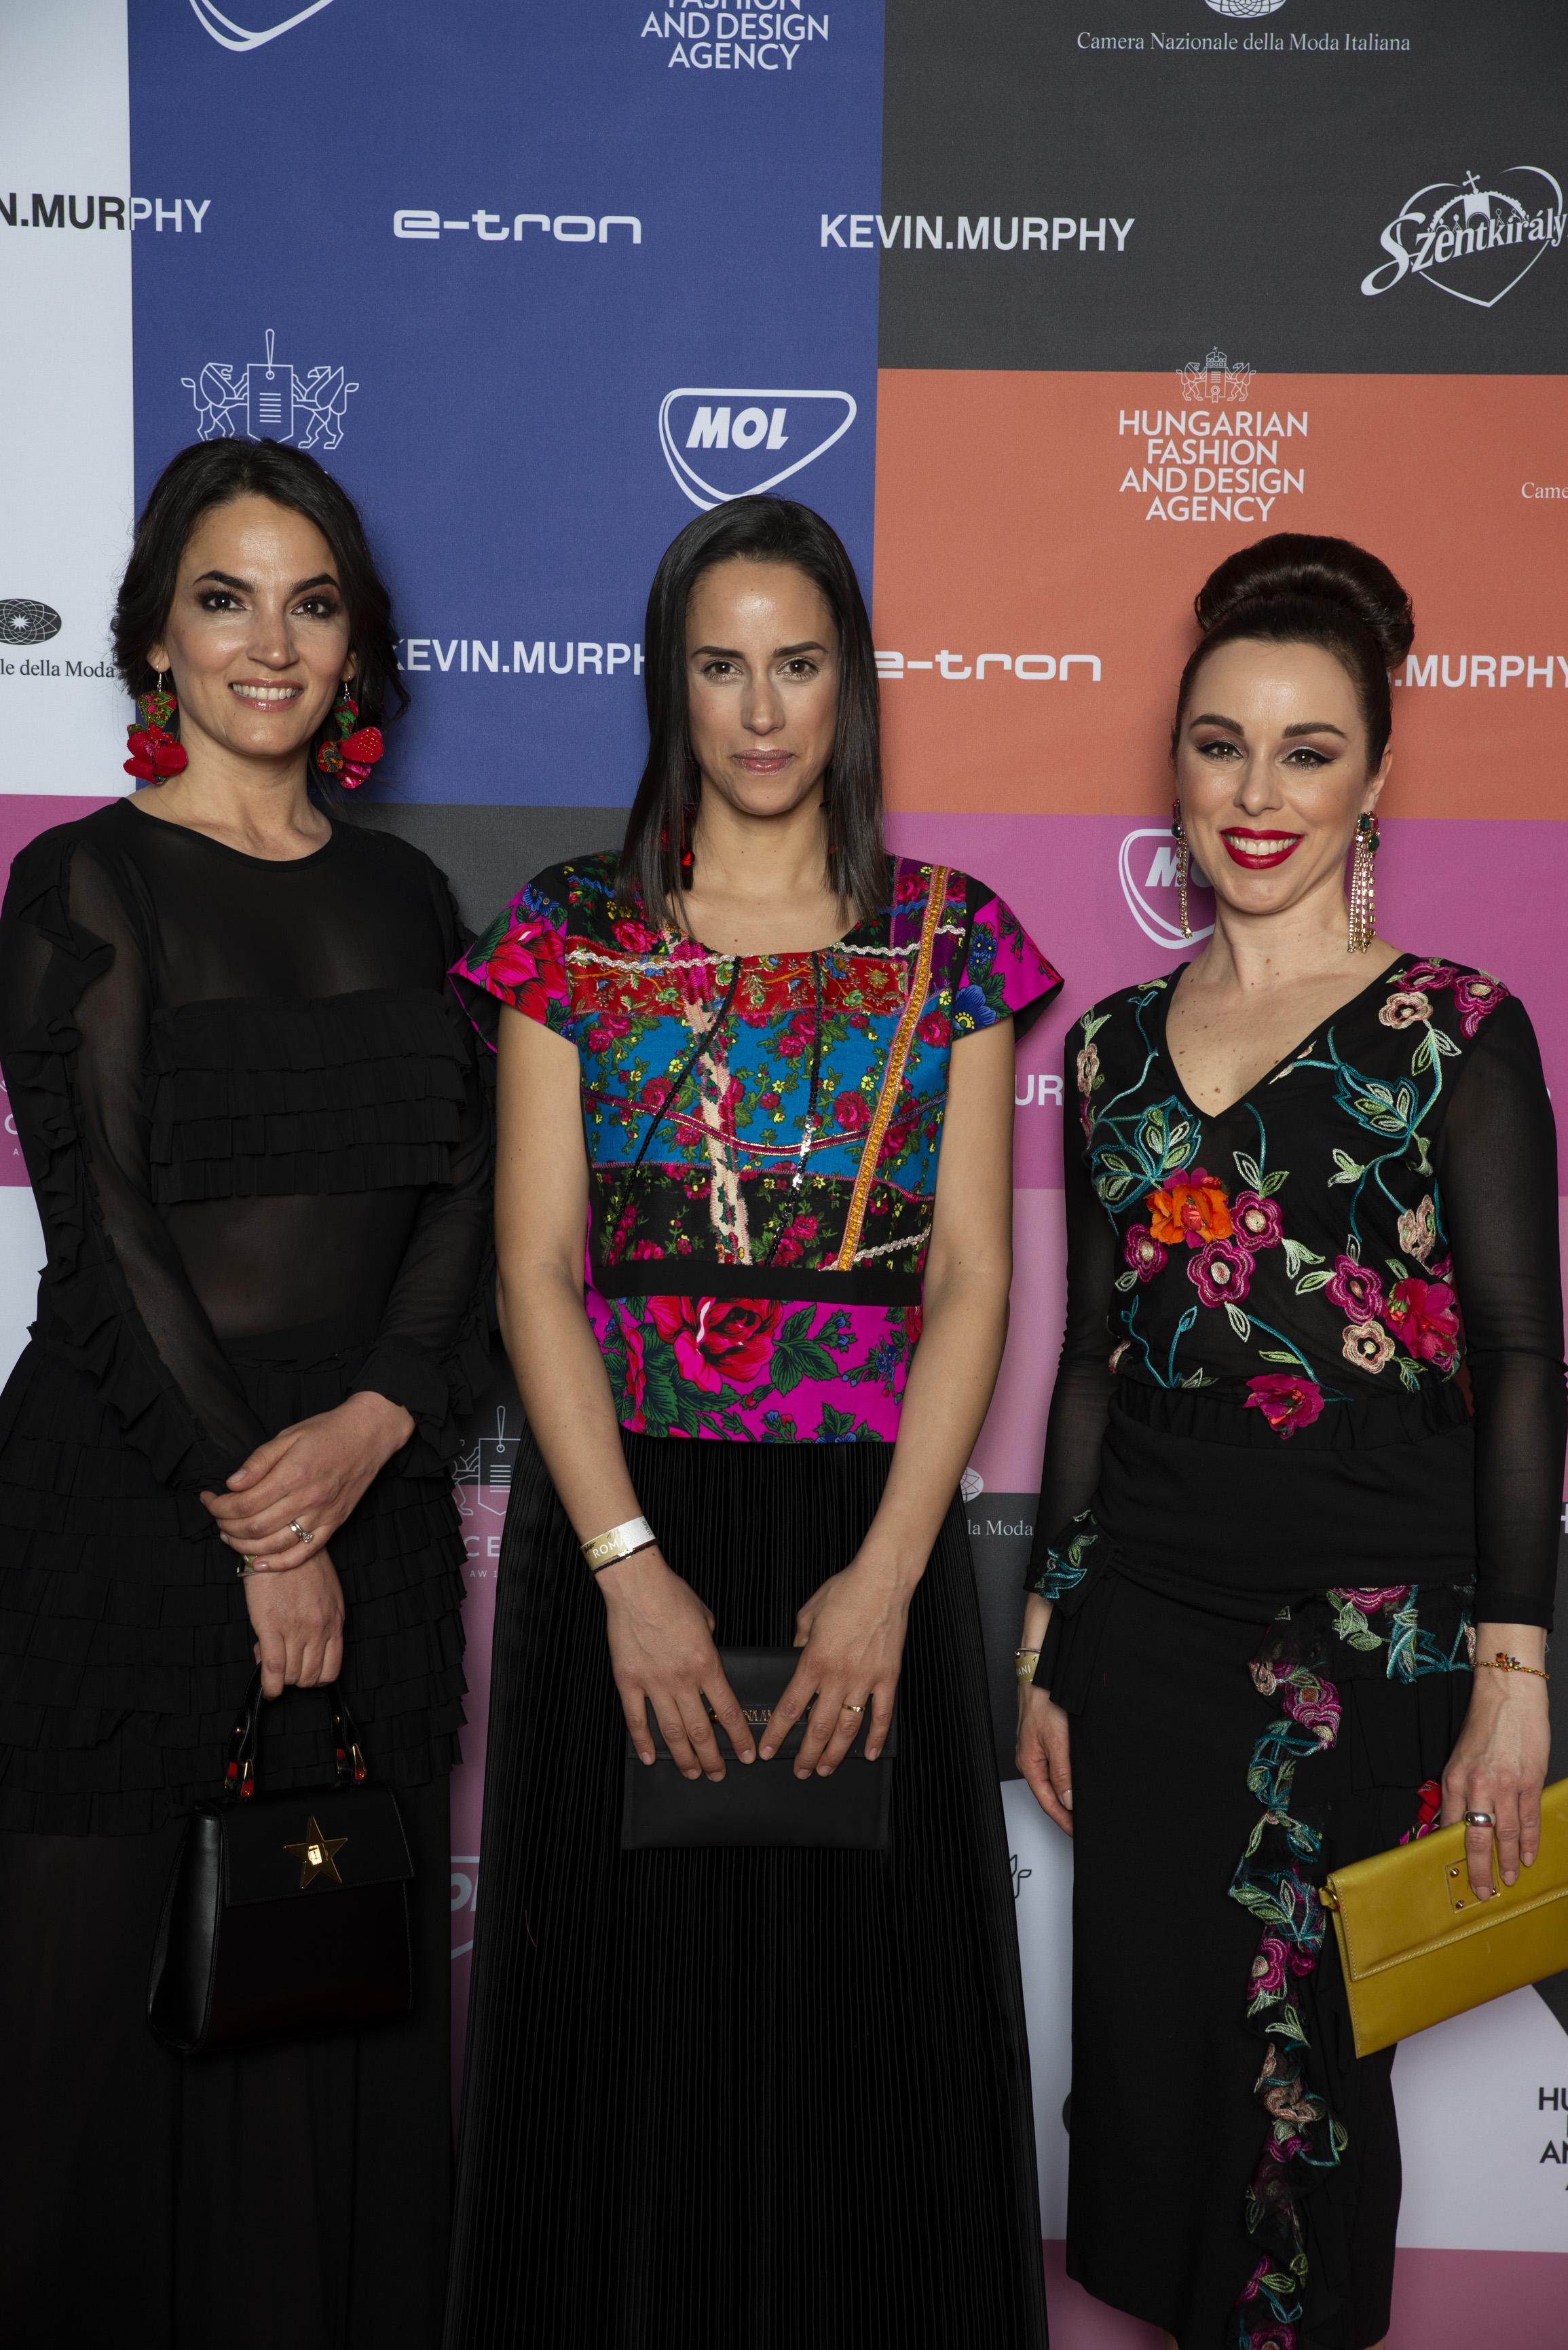 Hölgyek Romaniban - Annoni Zita, Trokán Anna és Kozma Orsi is imádta a vibráló mintákat